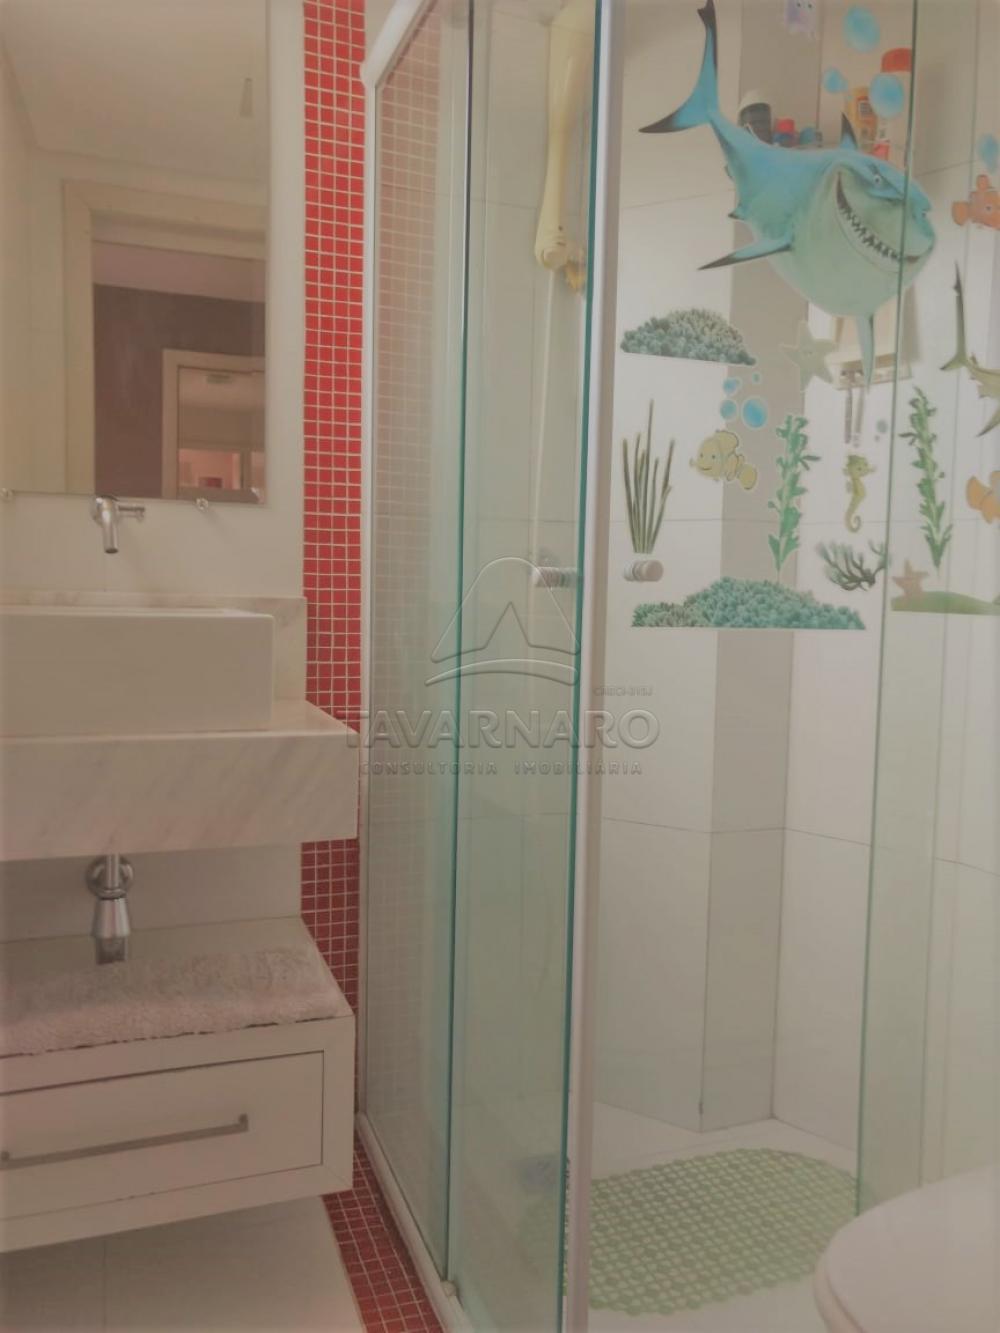 Comprar Apartamento / Padrão em Ponta Grossa apenas R$ 290.000,00 - Foto 14